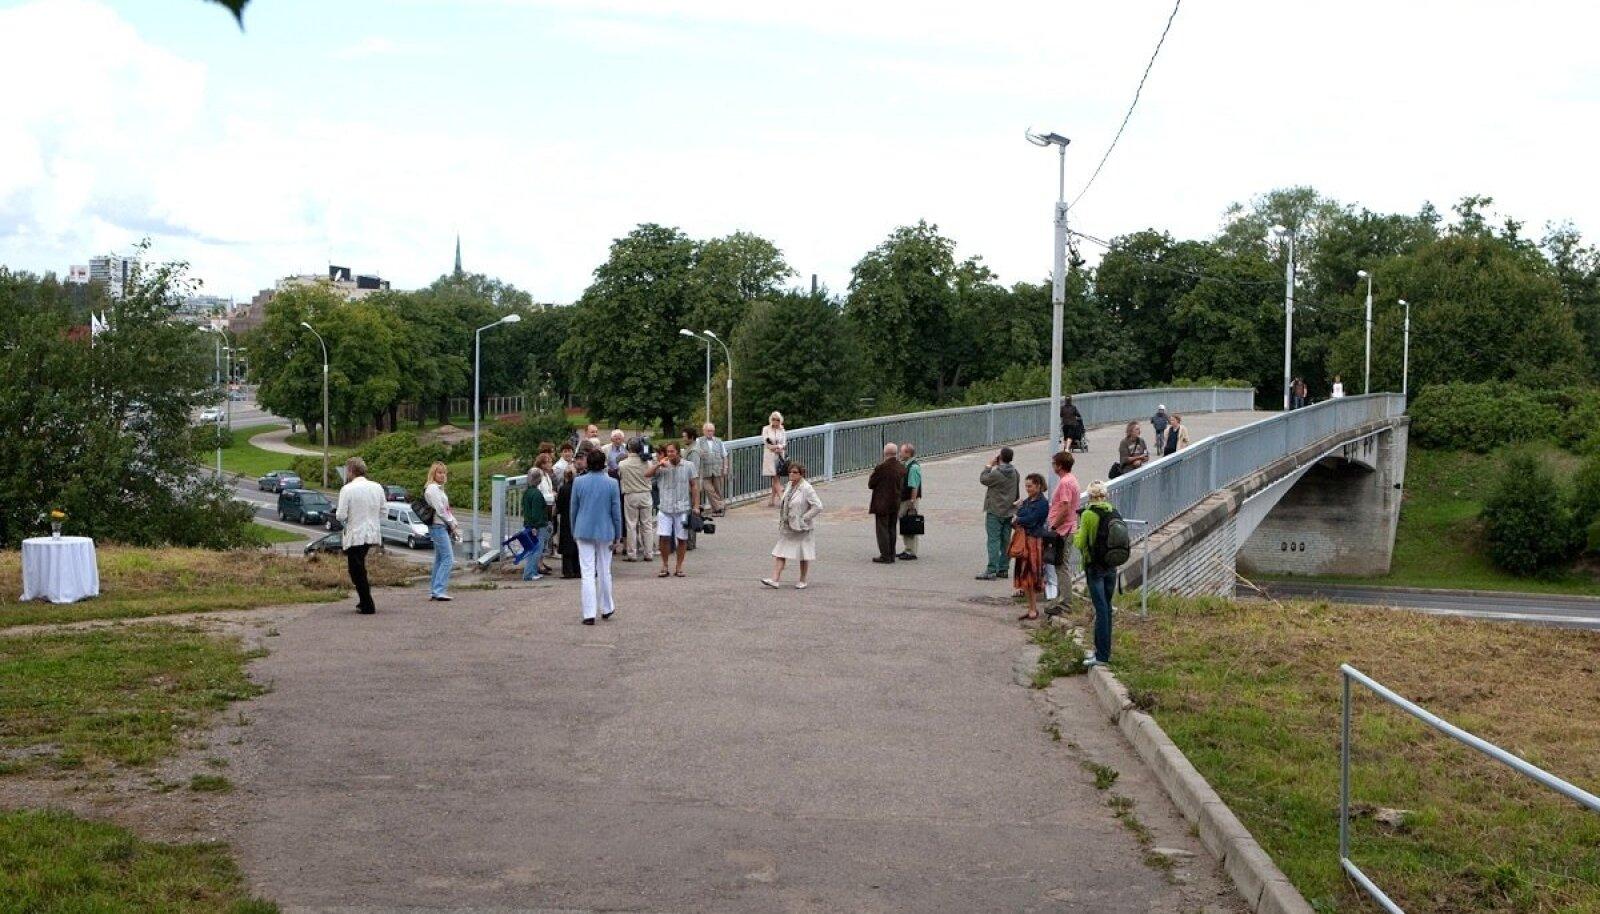 Ilvese sild sai nimetähise 2009. aastal